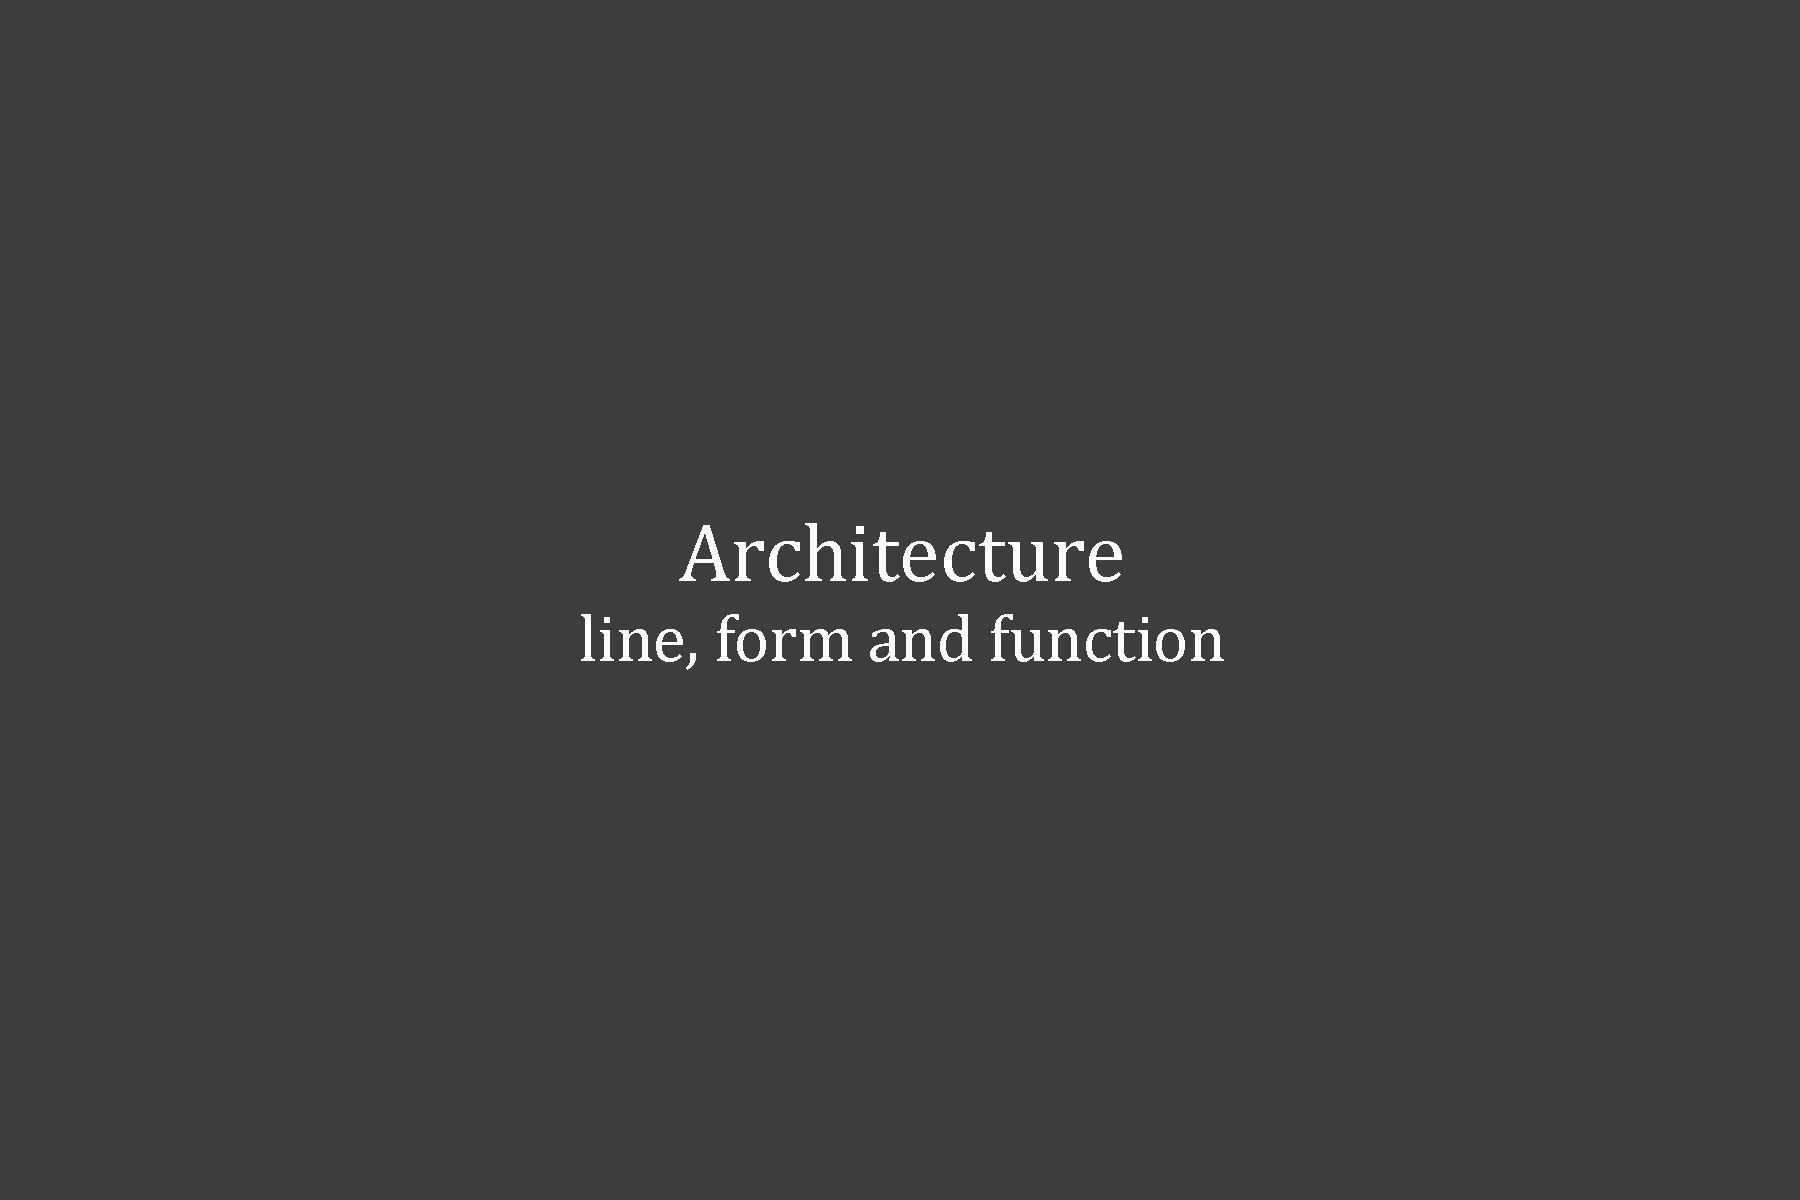 1architecture